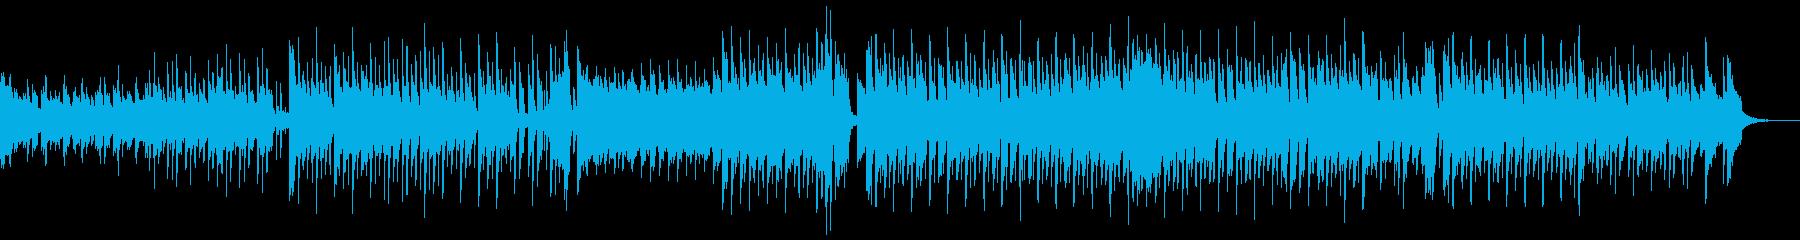 シンセの軽快で心弾むポップミュージックの再生済みの波形